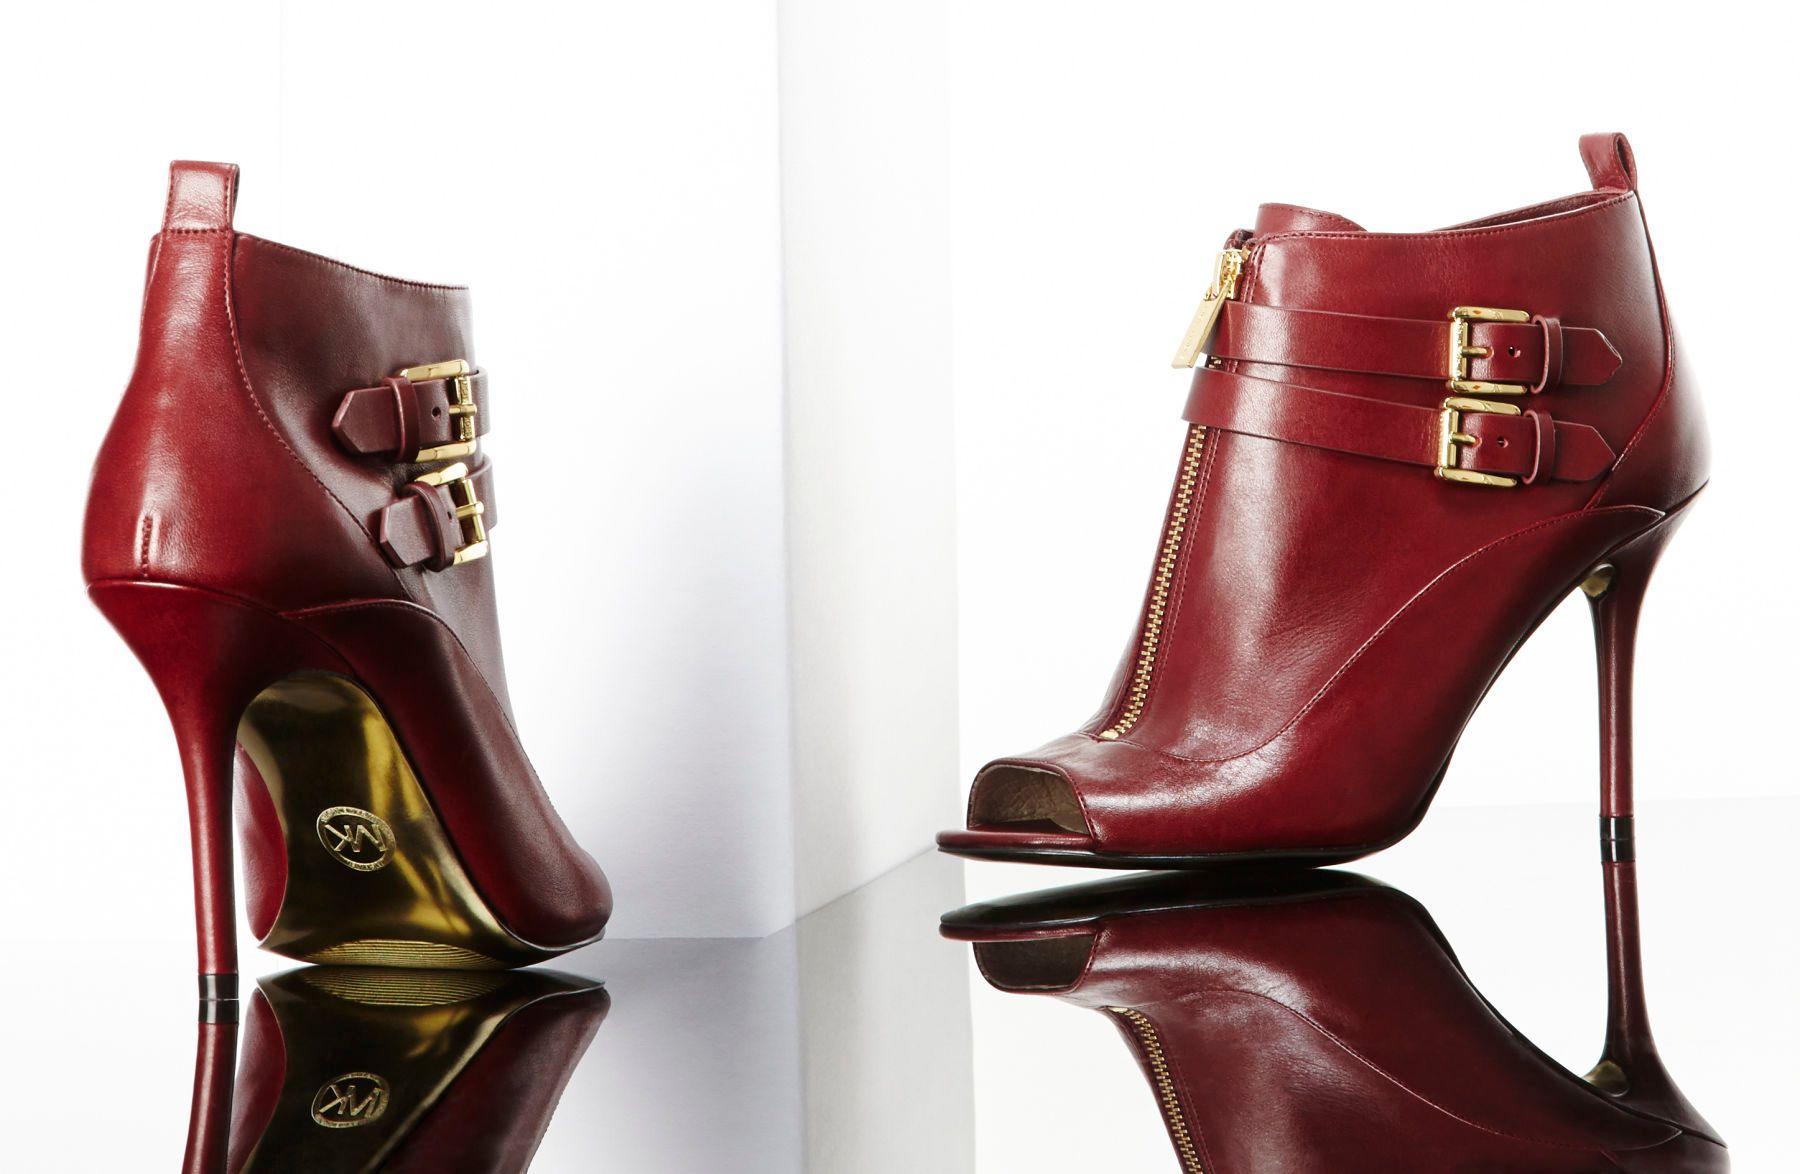 1red_heels.jpg